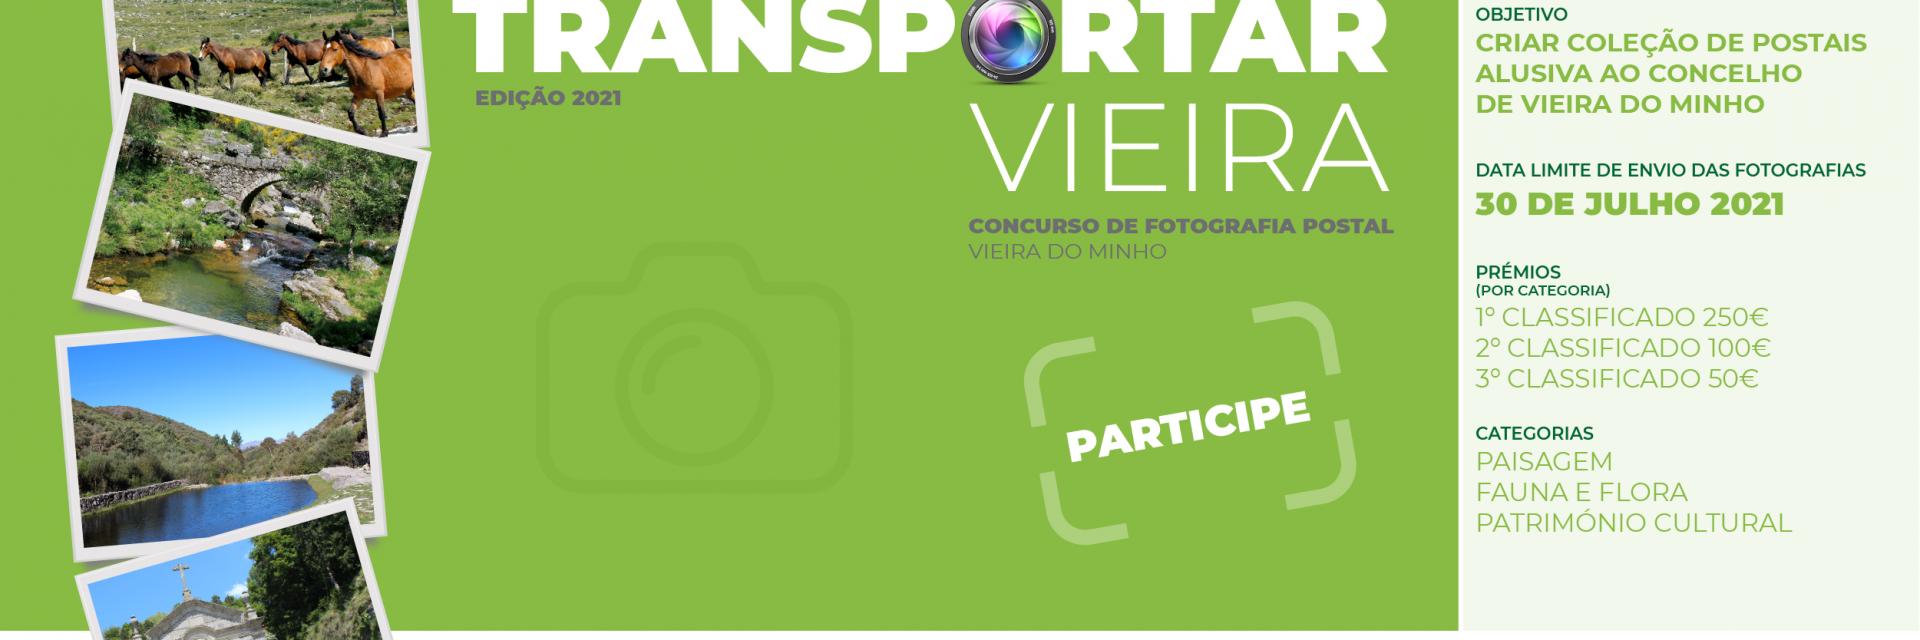 Concurso de Fotografia -Transportar Vieira